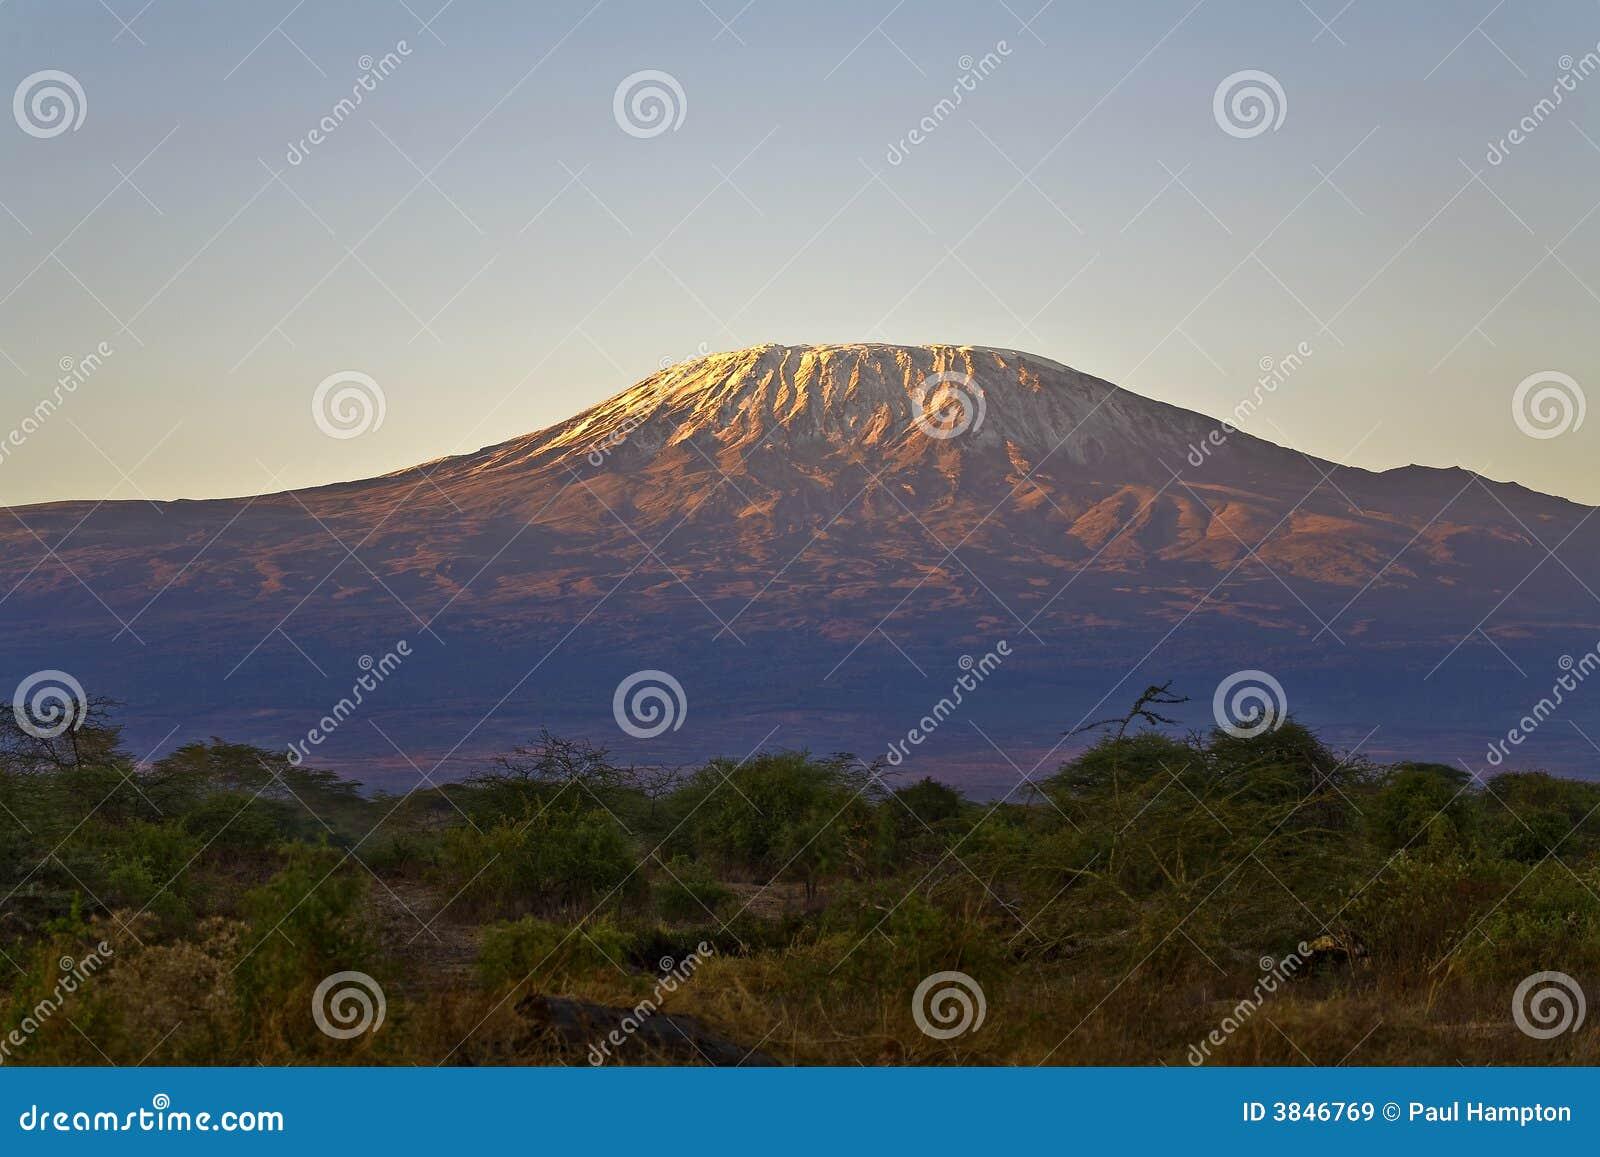 Kilimanjaro Mountain Morning Tanzania Kenya Africa